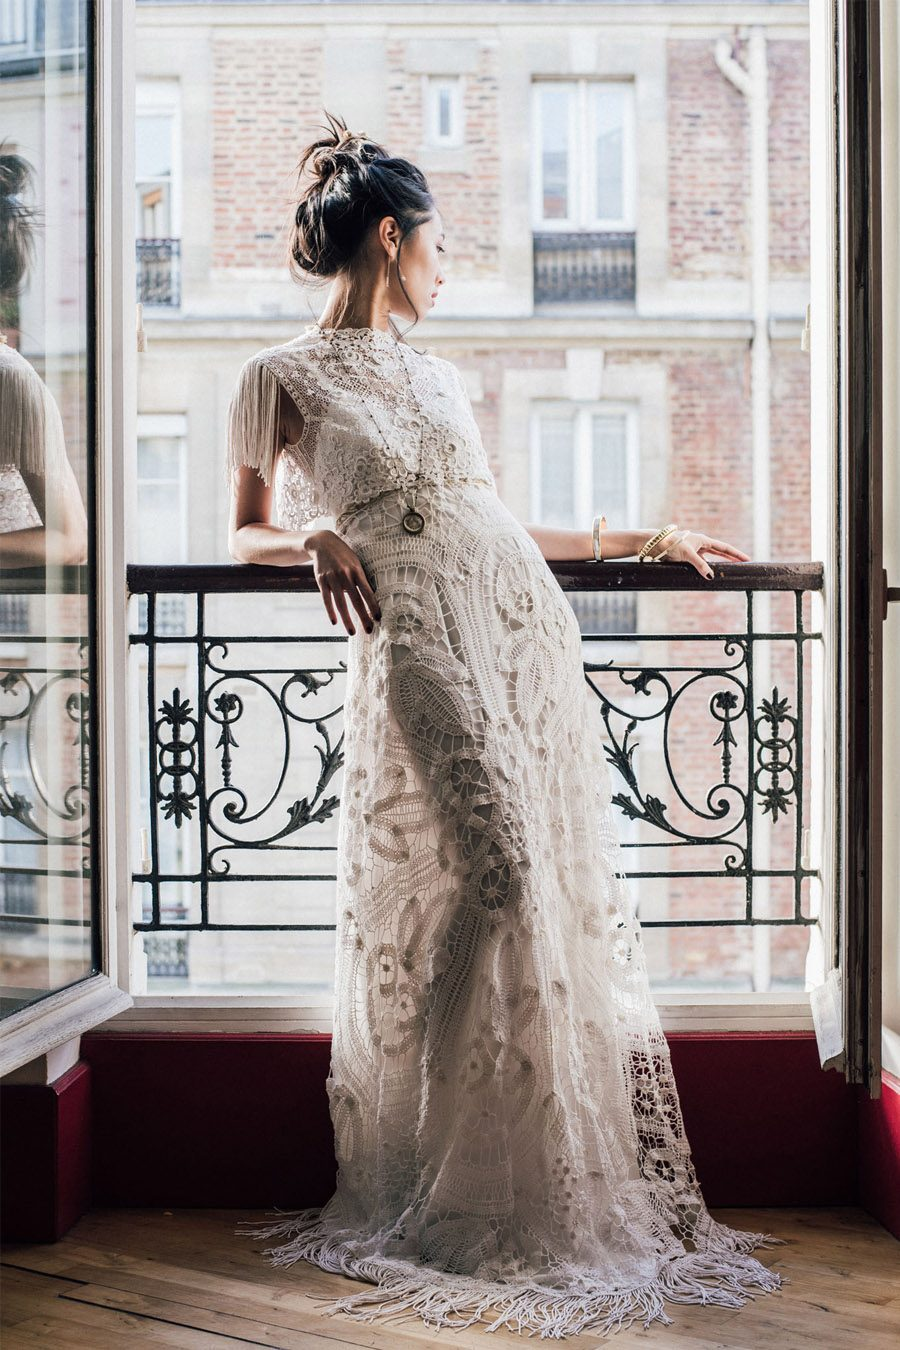 RIVE DROITE BY LAURA ESCRIBANO laura-escribano-vintage-couture